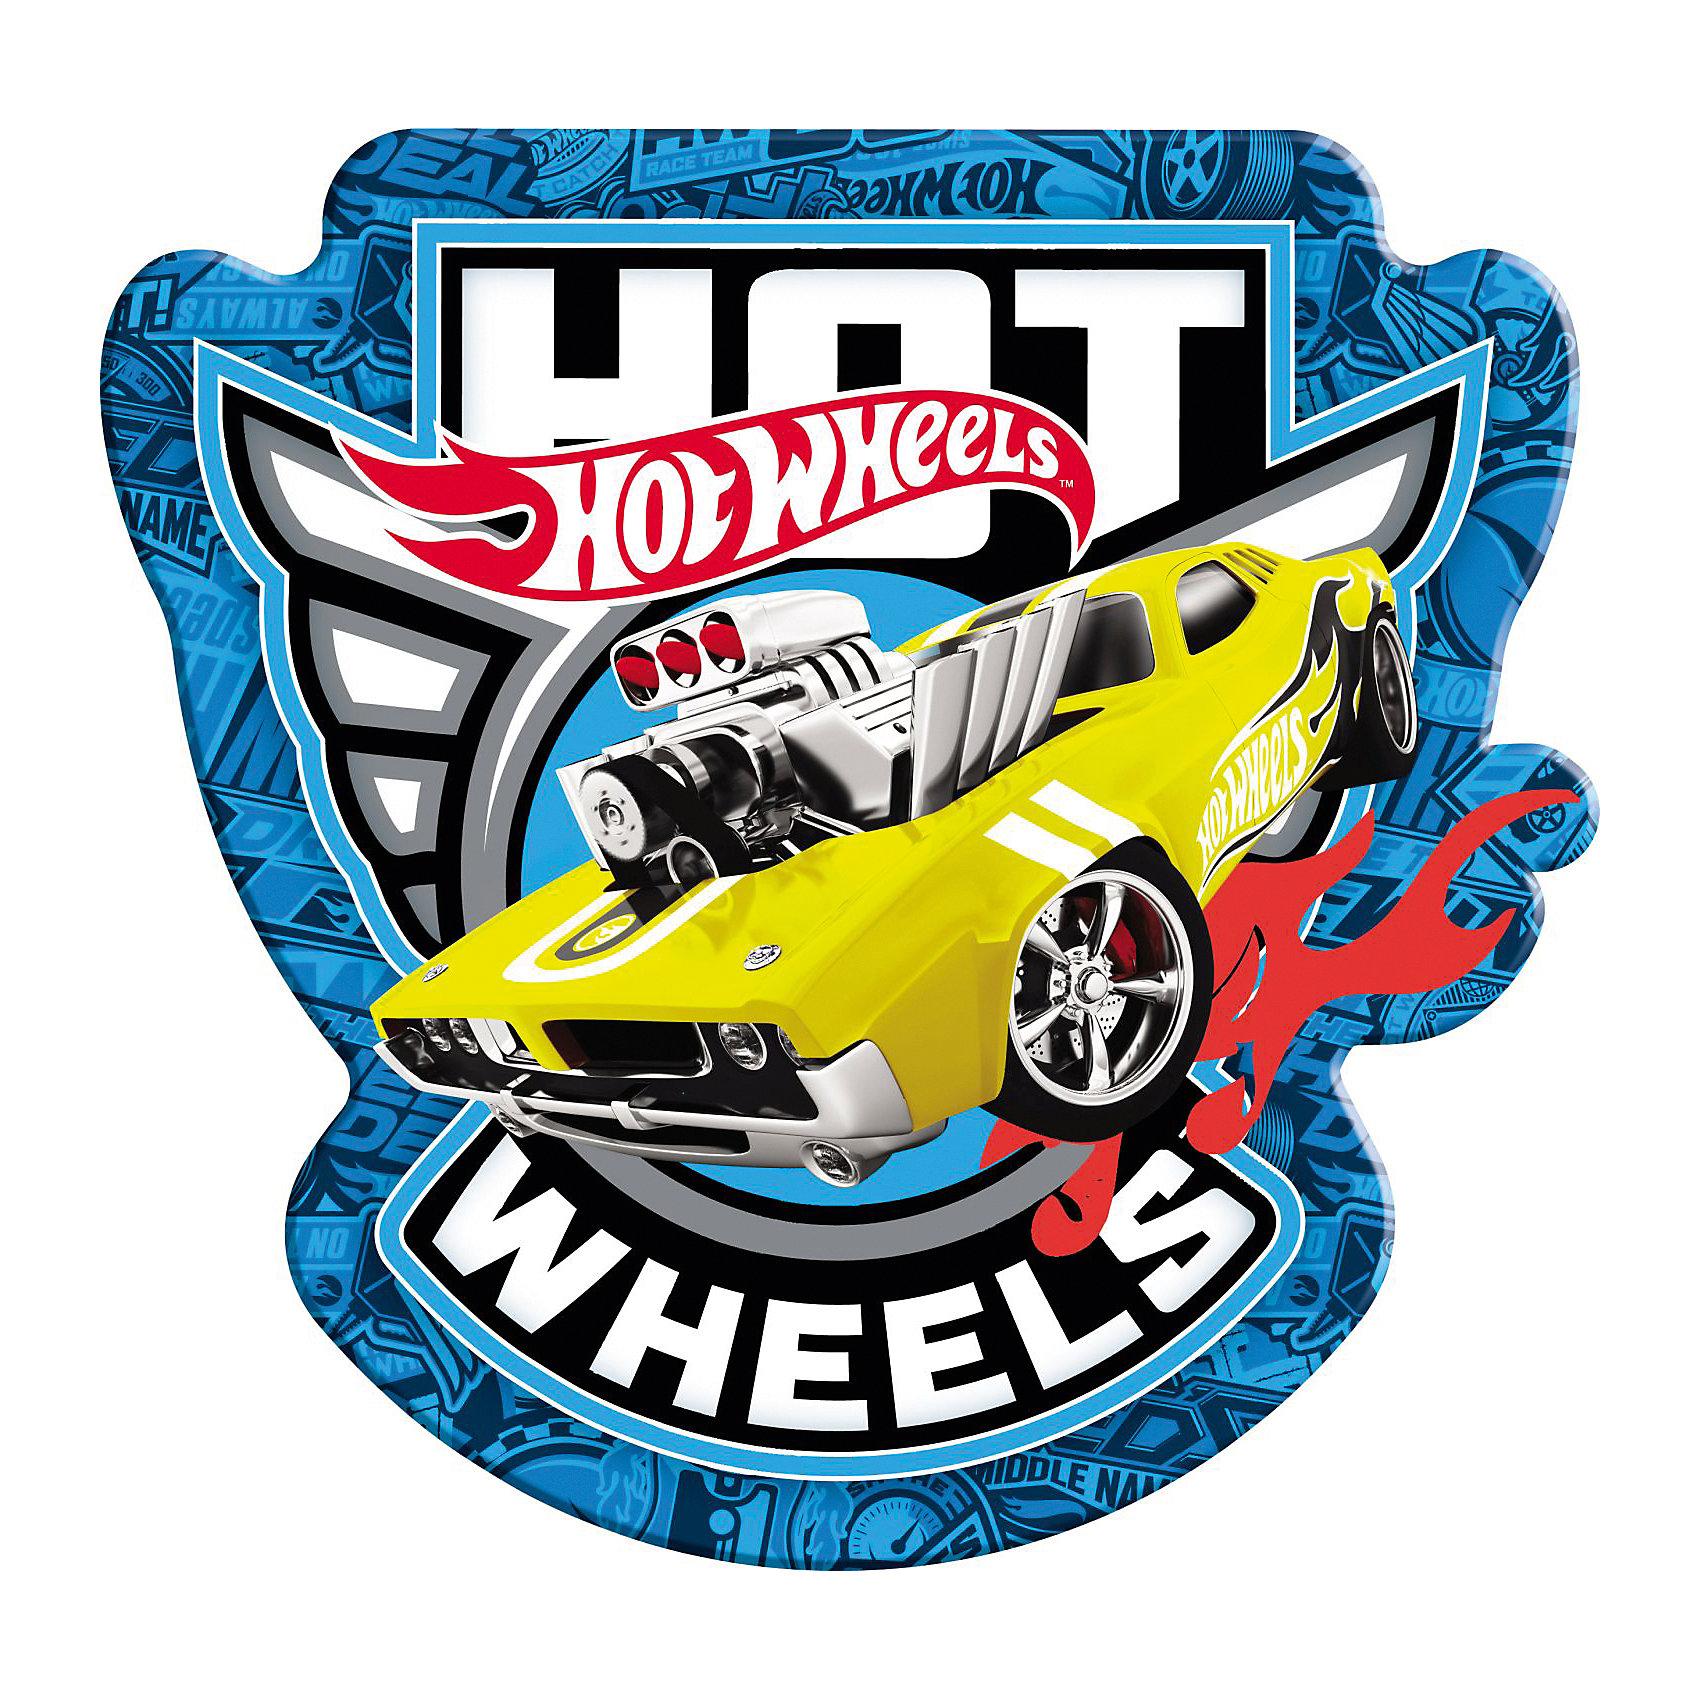 Подкладка настольная фигурная Hot Wheels Super CarHot Wheels<br>Характеристики товара:<br><br>• герой: Hot Wheels Super Car;<br>• материал: полиэстер;<br>• размер упаковки: 30x42 см;<br>• страна изготовитель: Россия;<br>• страна бренда: Германия.<br><br>Подкладка настольная фигурная Hot Wheels Super Car  необходима во время творческих занятий.<br><br>Подкладку настольную фигурную Hot Wheels Super Car можно купить в нашем интернет-магазине.<br><br>Ширина мм: 300<br>Глубина мм: 420<br>Высота мм: 5<br>Вес г: 27<br>Возраст от месяцев: 72<br>Возраст до месяцев: 96<br>Пол: Мужской<br>Возраст: Детский<br>SKU: 6842704